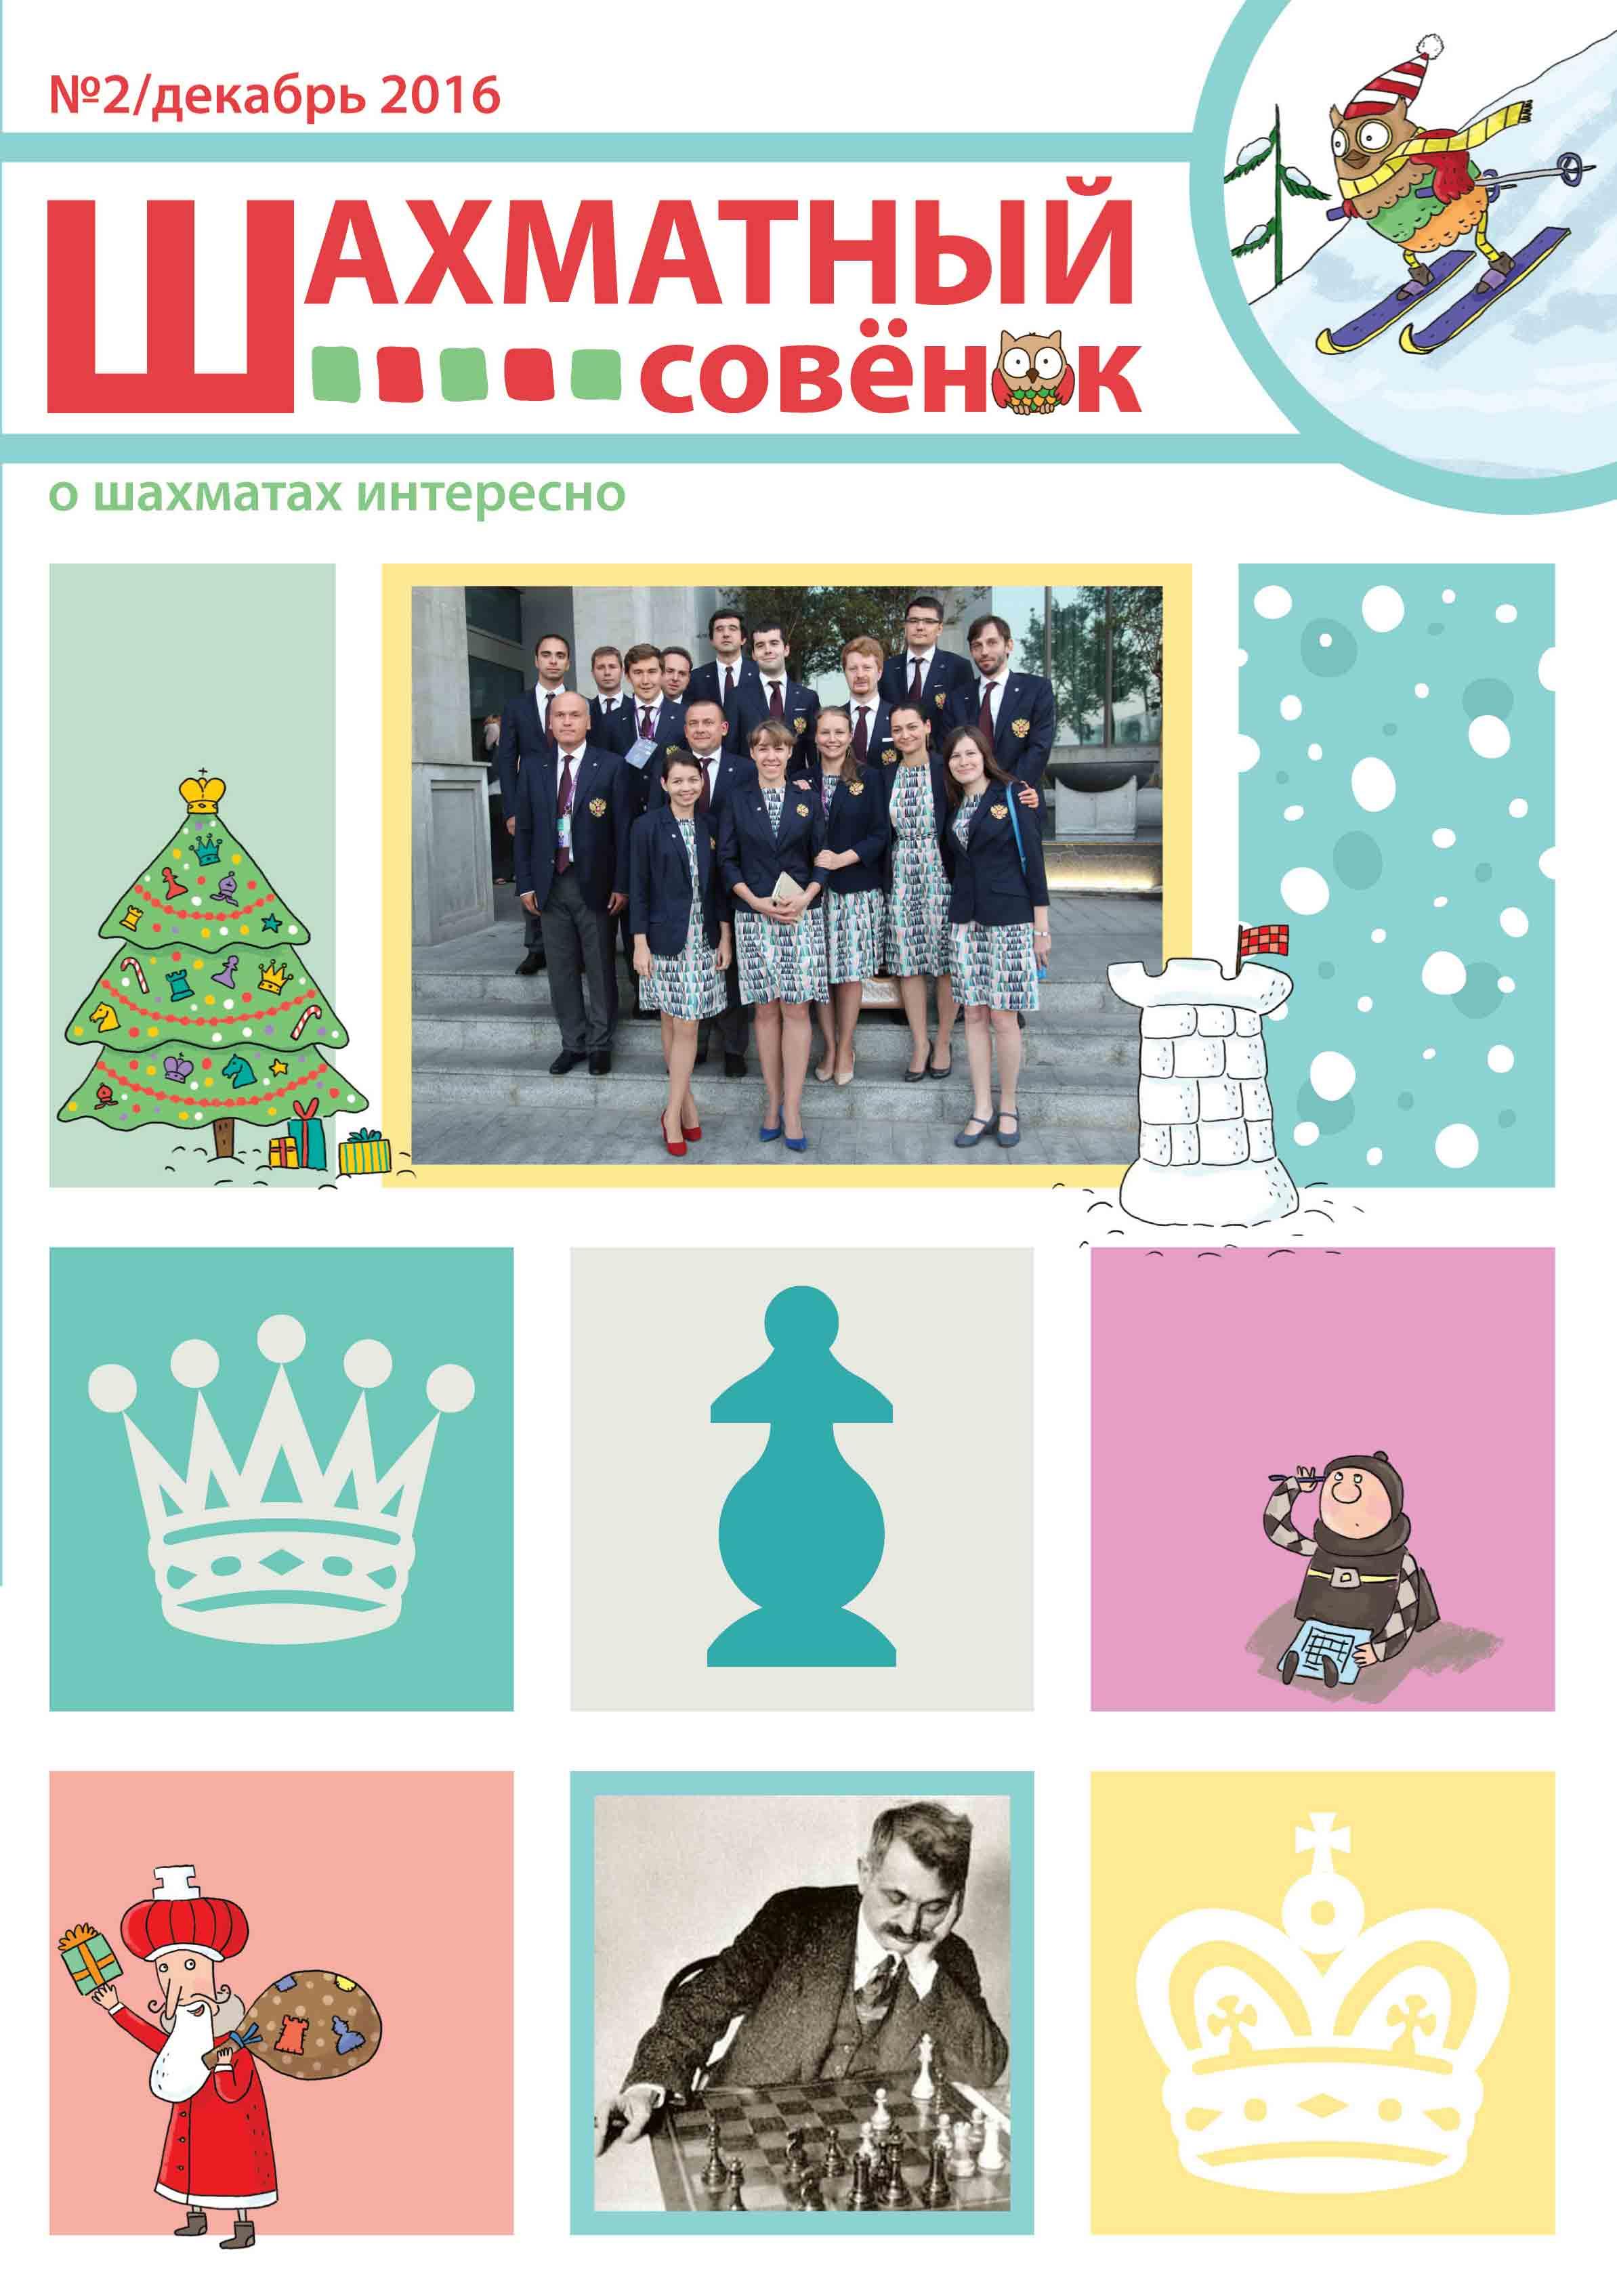 Шахматный Совёнок №2